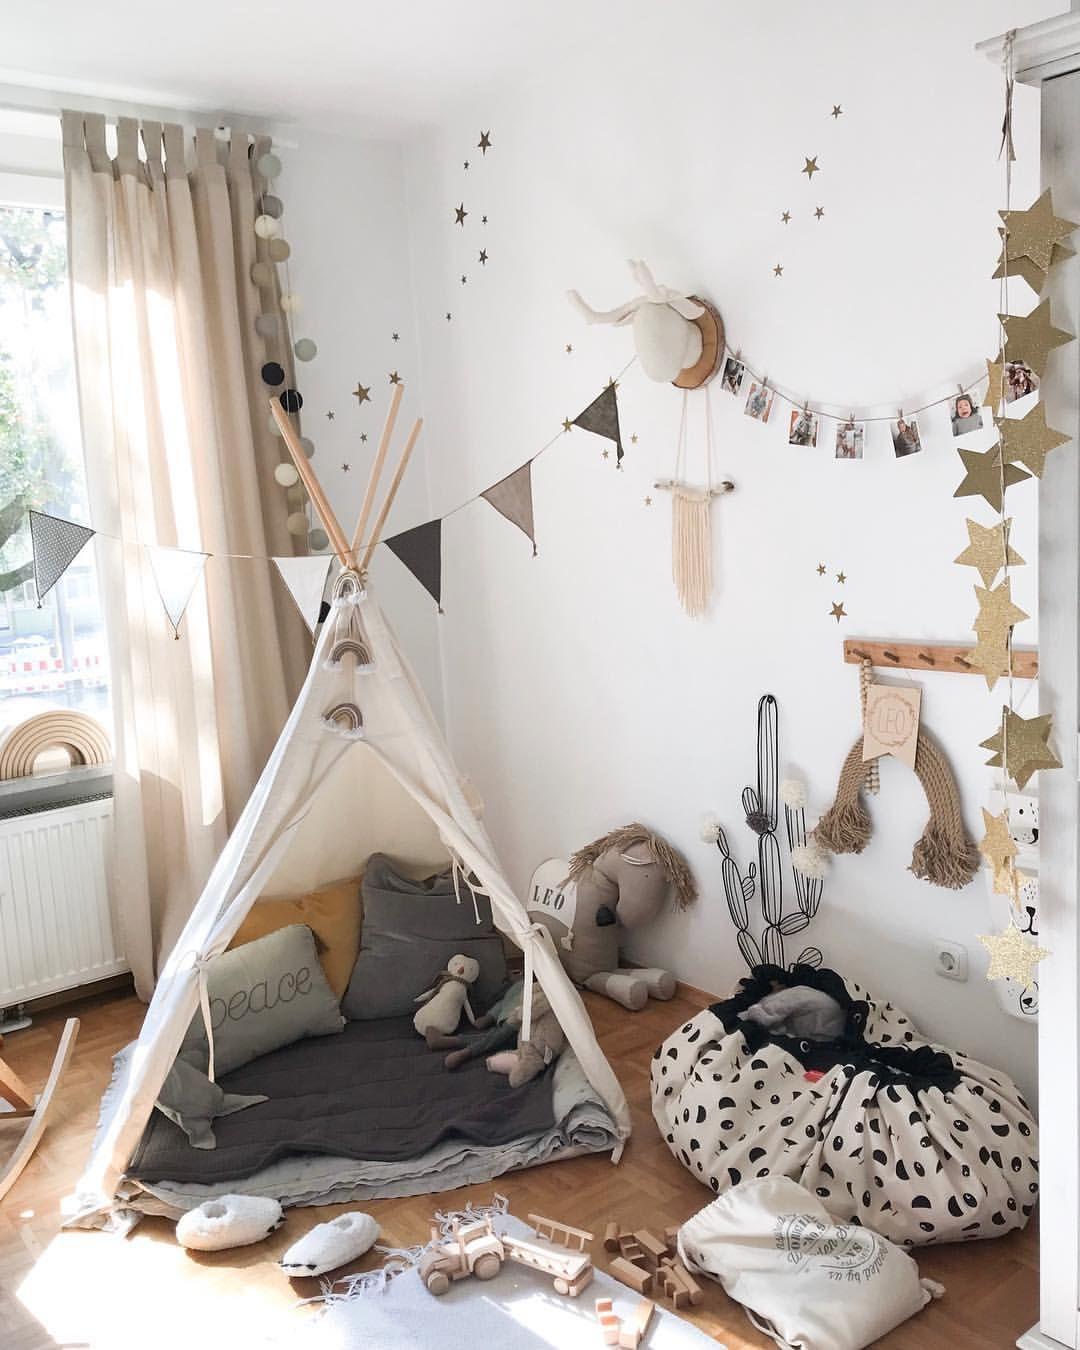 Kinderzimmer Babyzimmer Junge Mädchen Einrichten Idee Inspo Kidsroomchallenge Krcfavouritecorner Kidsroo Kinder Zimmer Zelt Kinderzimmer Kinder Zimmer Mädchen